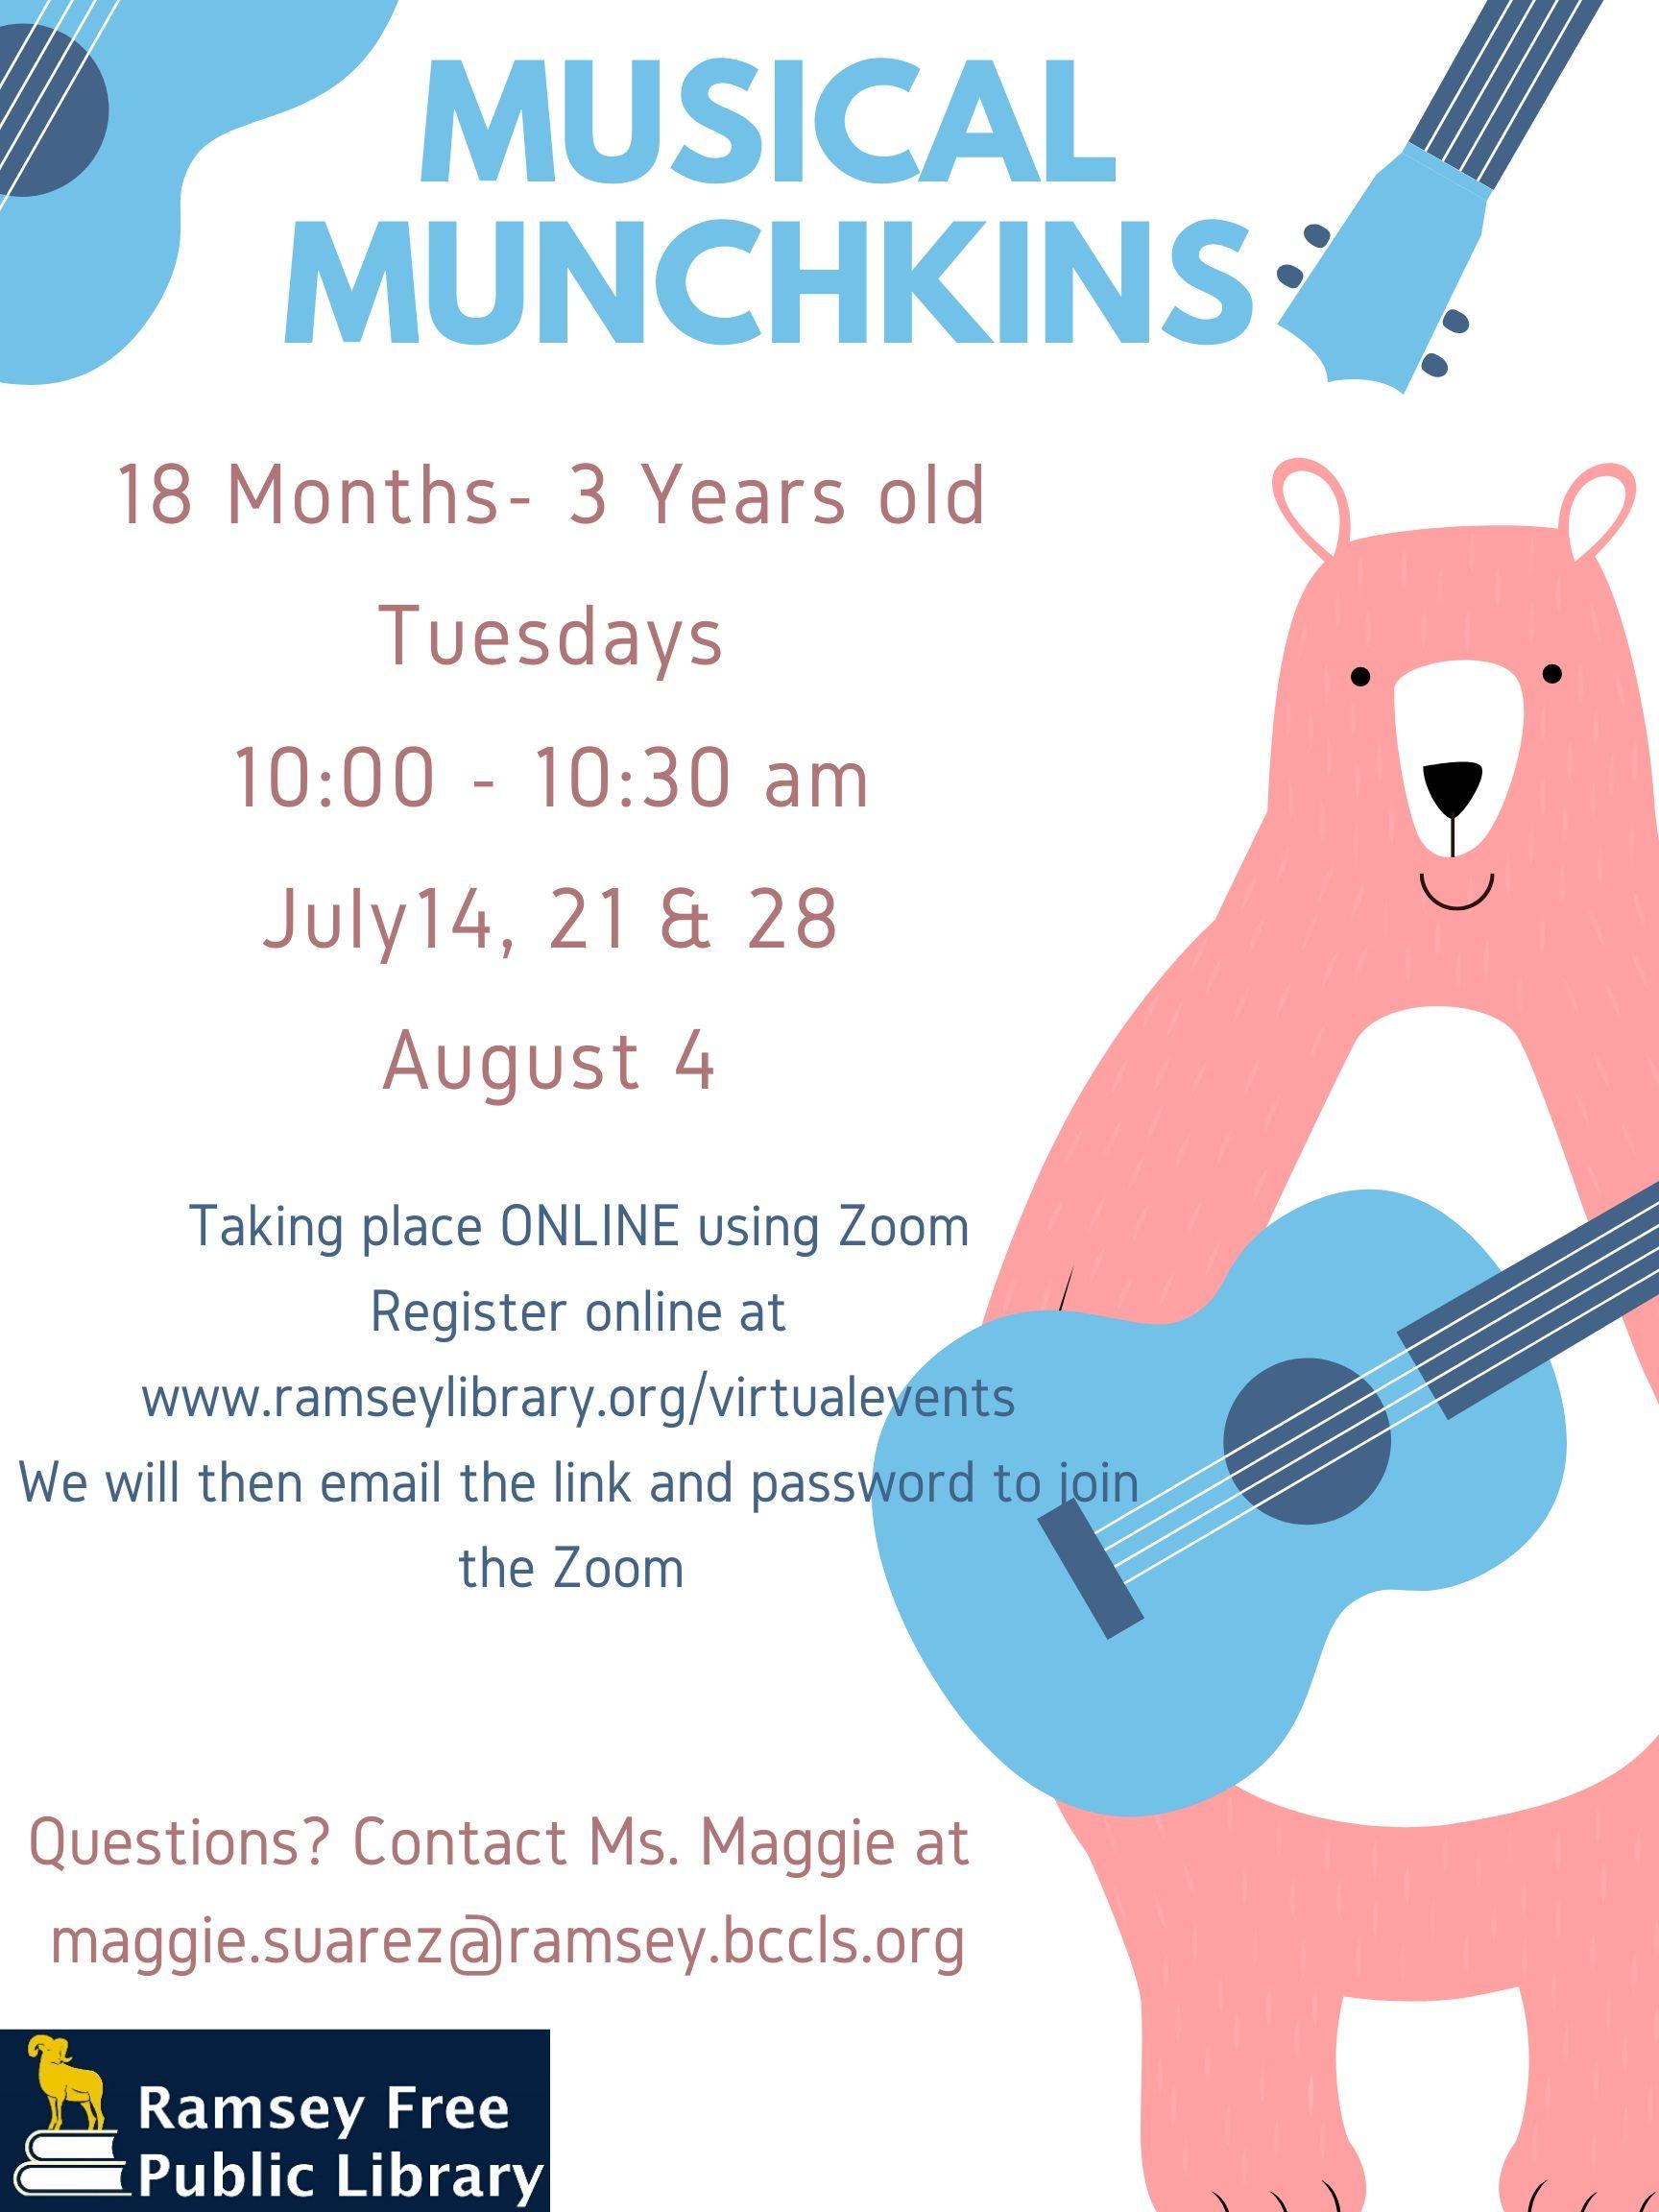 Musical Munchkins Summer 2020 (A)